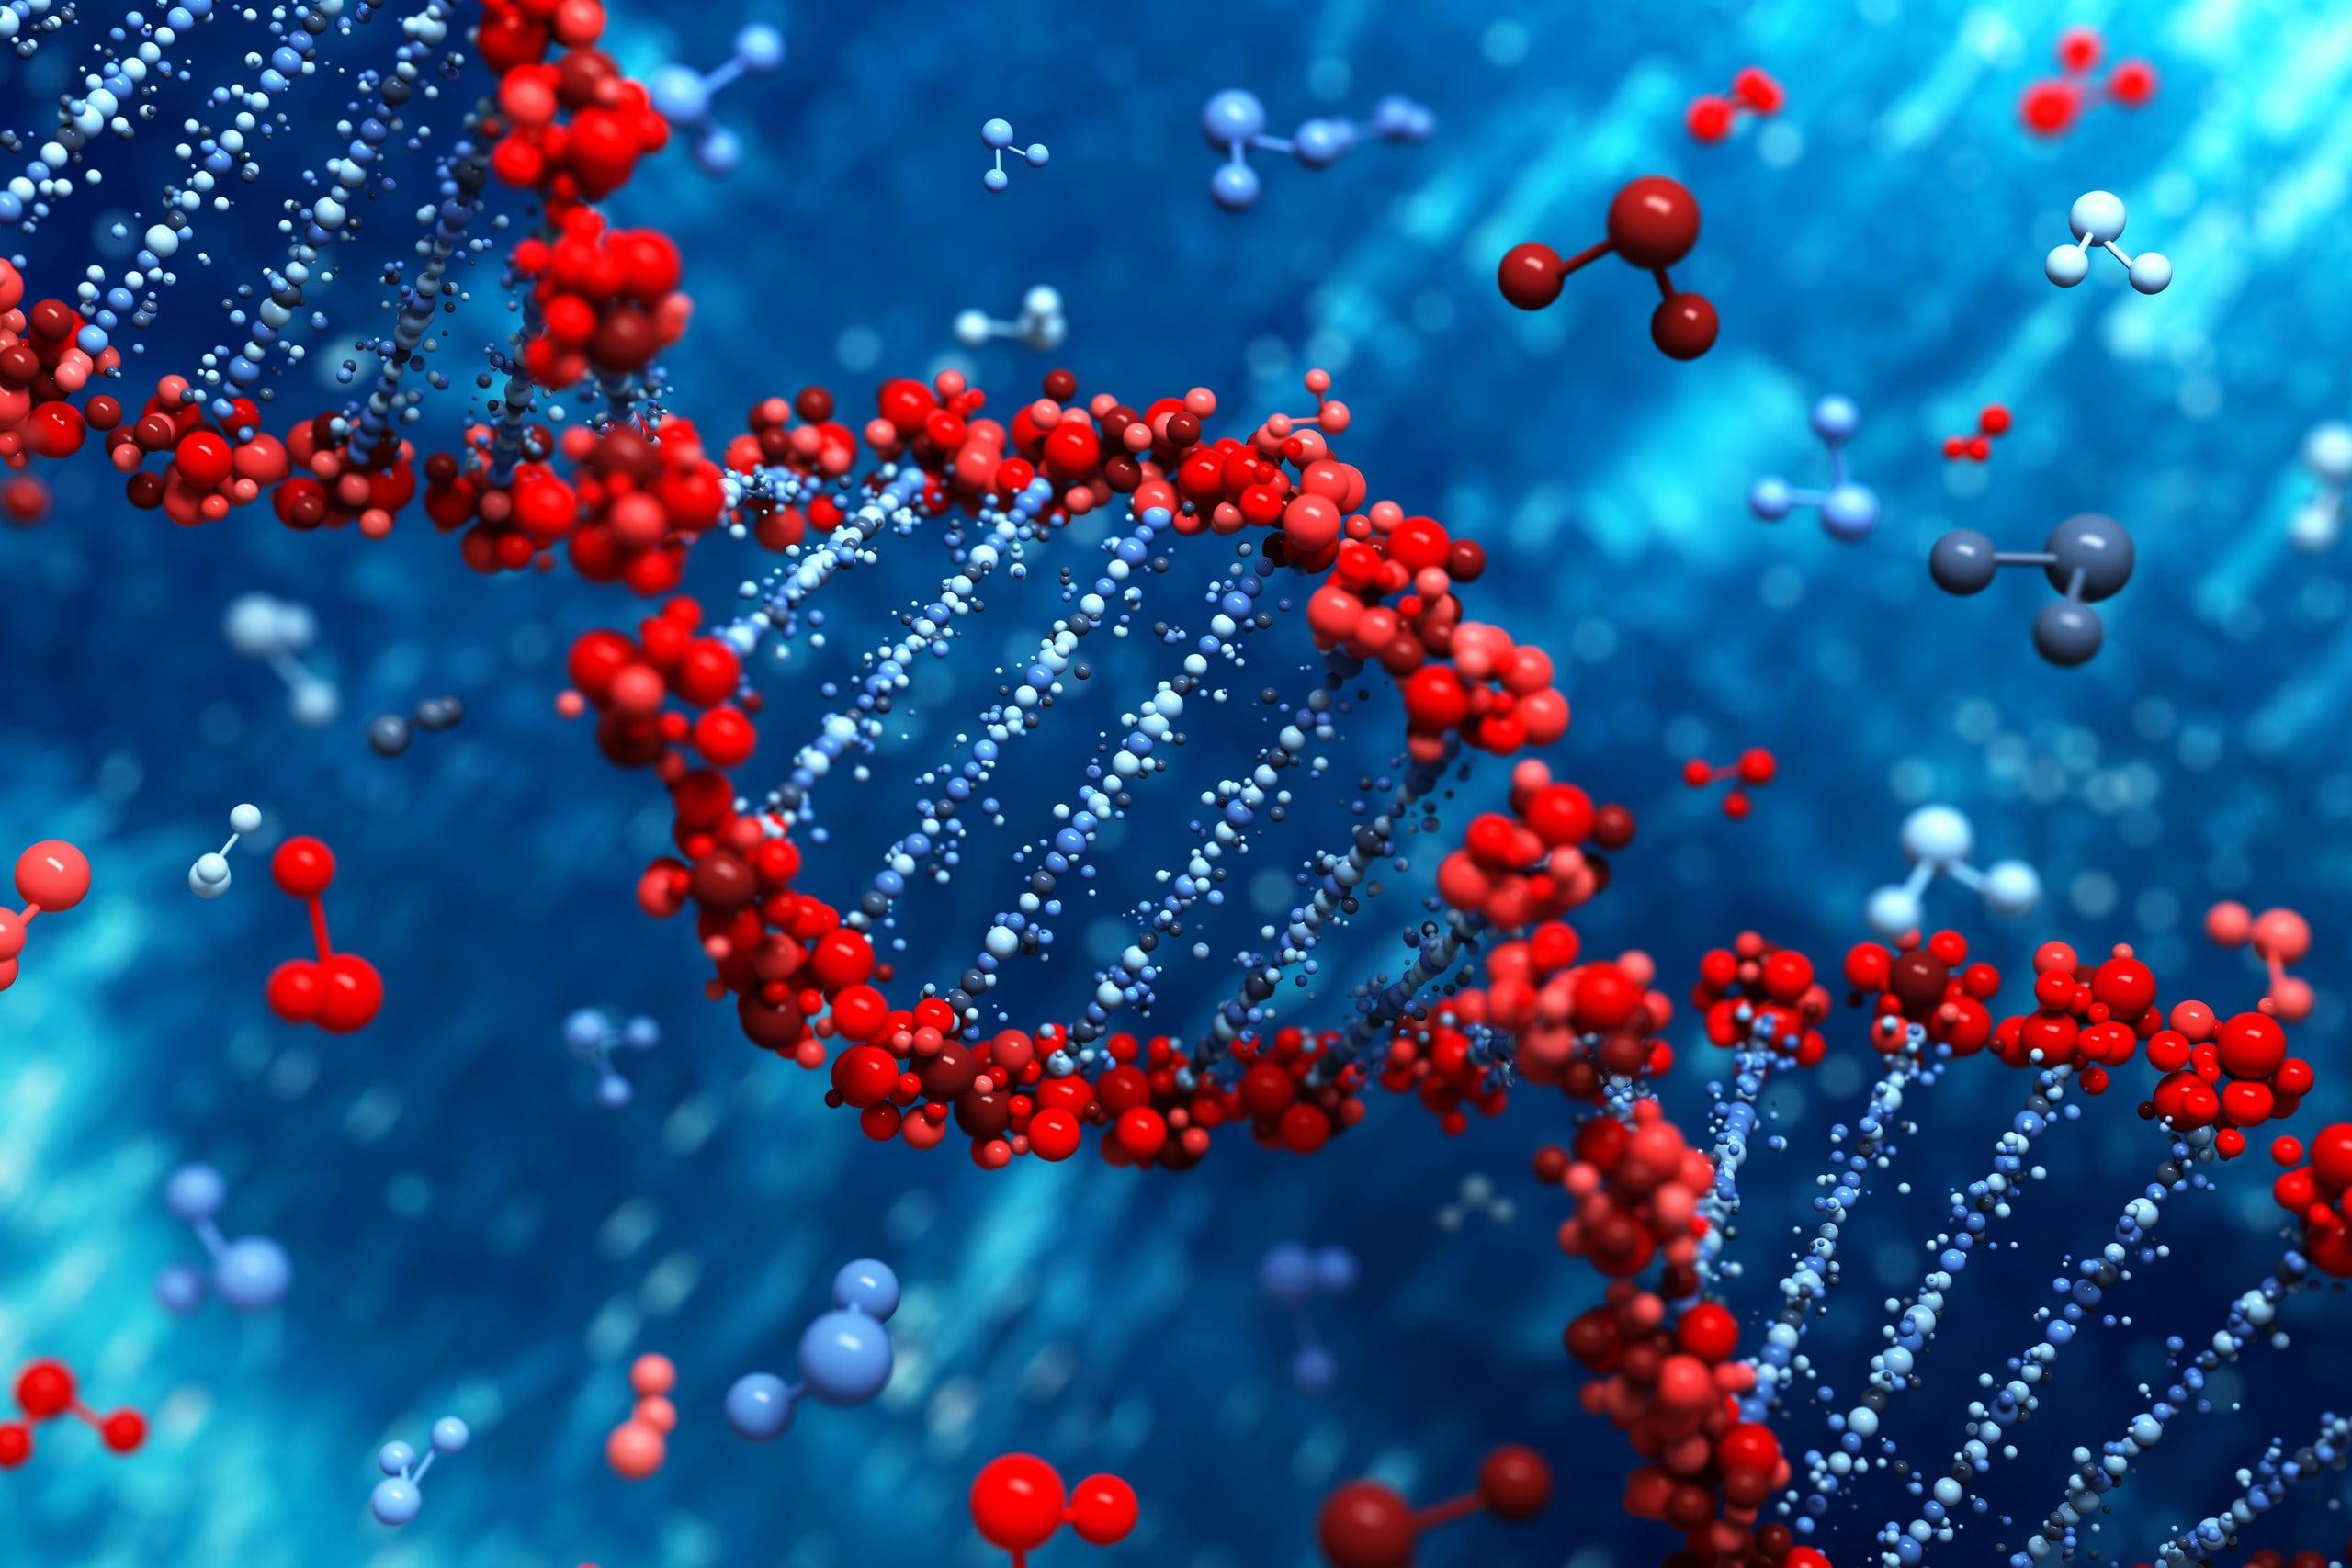 СМИ: В России обнаружен регион с аномально высоким уровнем генетической болезни